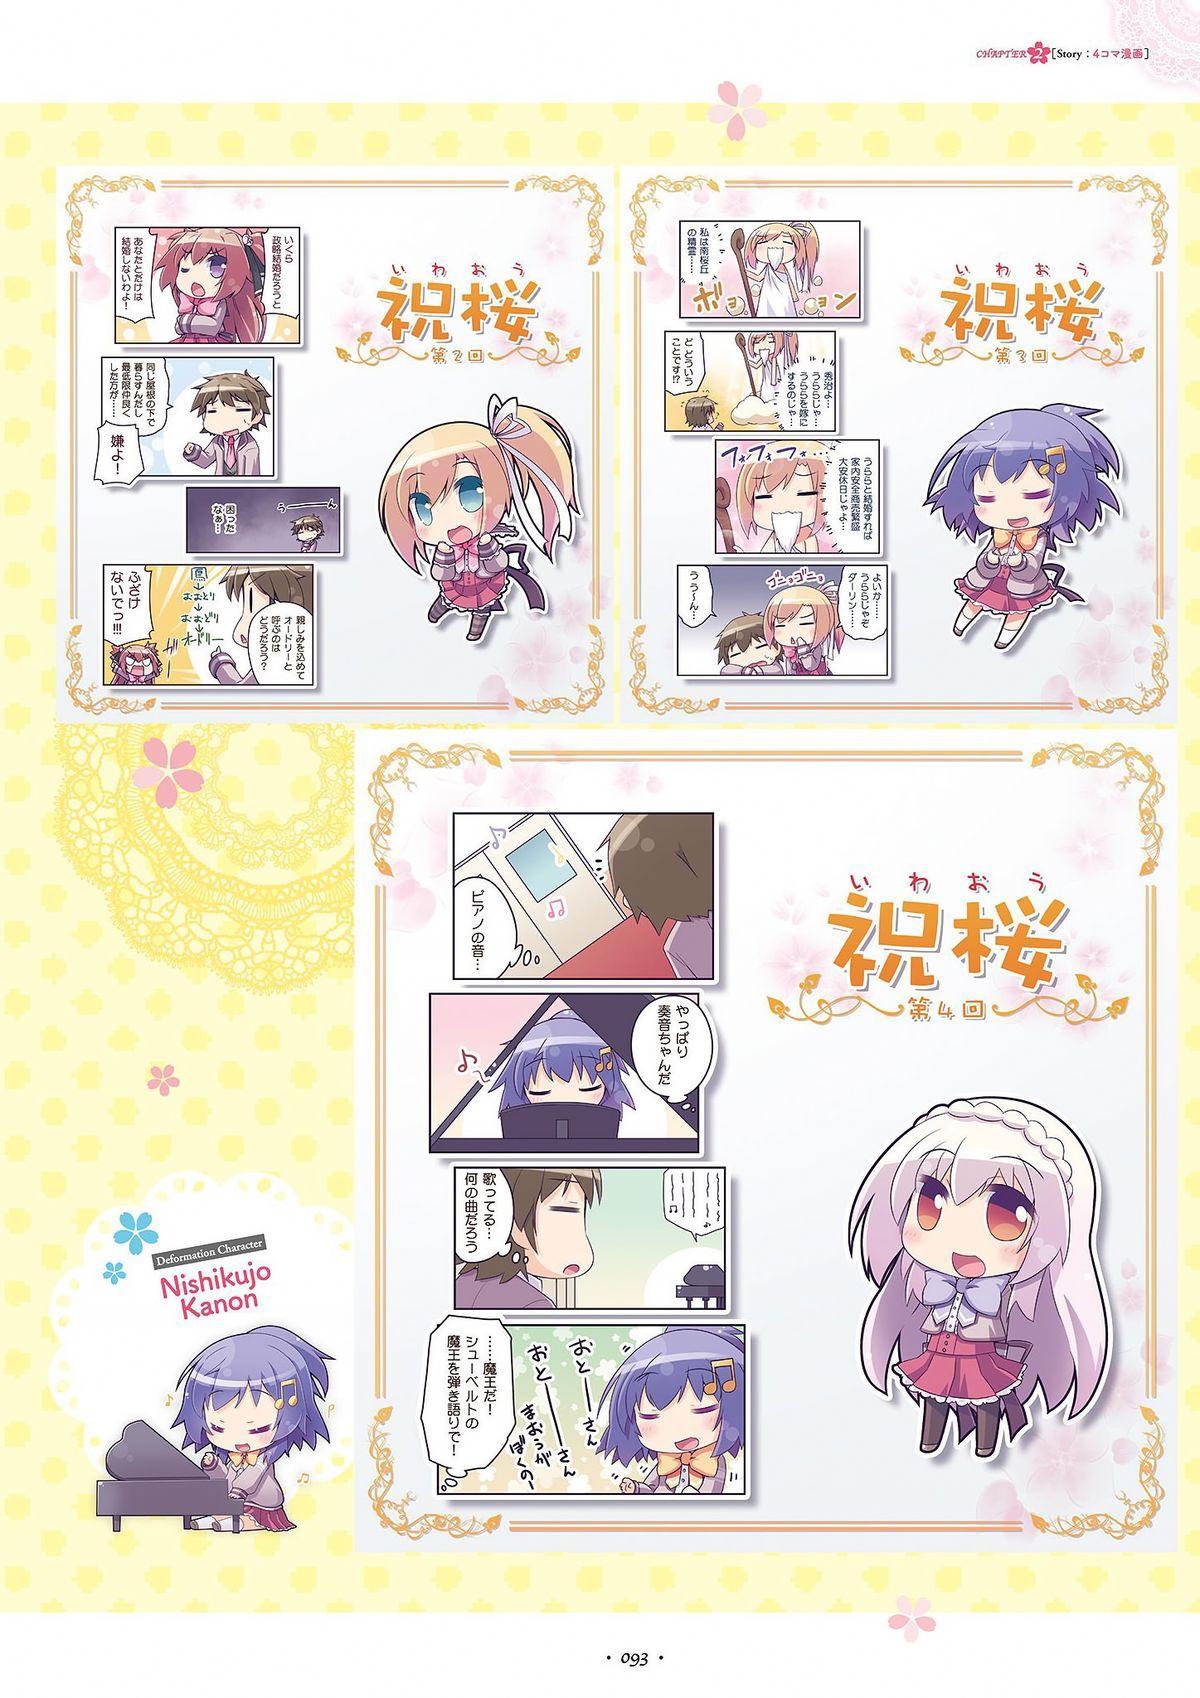 Shukufuku no Kane no Oto wa, Sakura-iro no Kaze to Tomo ni Visual Fanbook 94